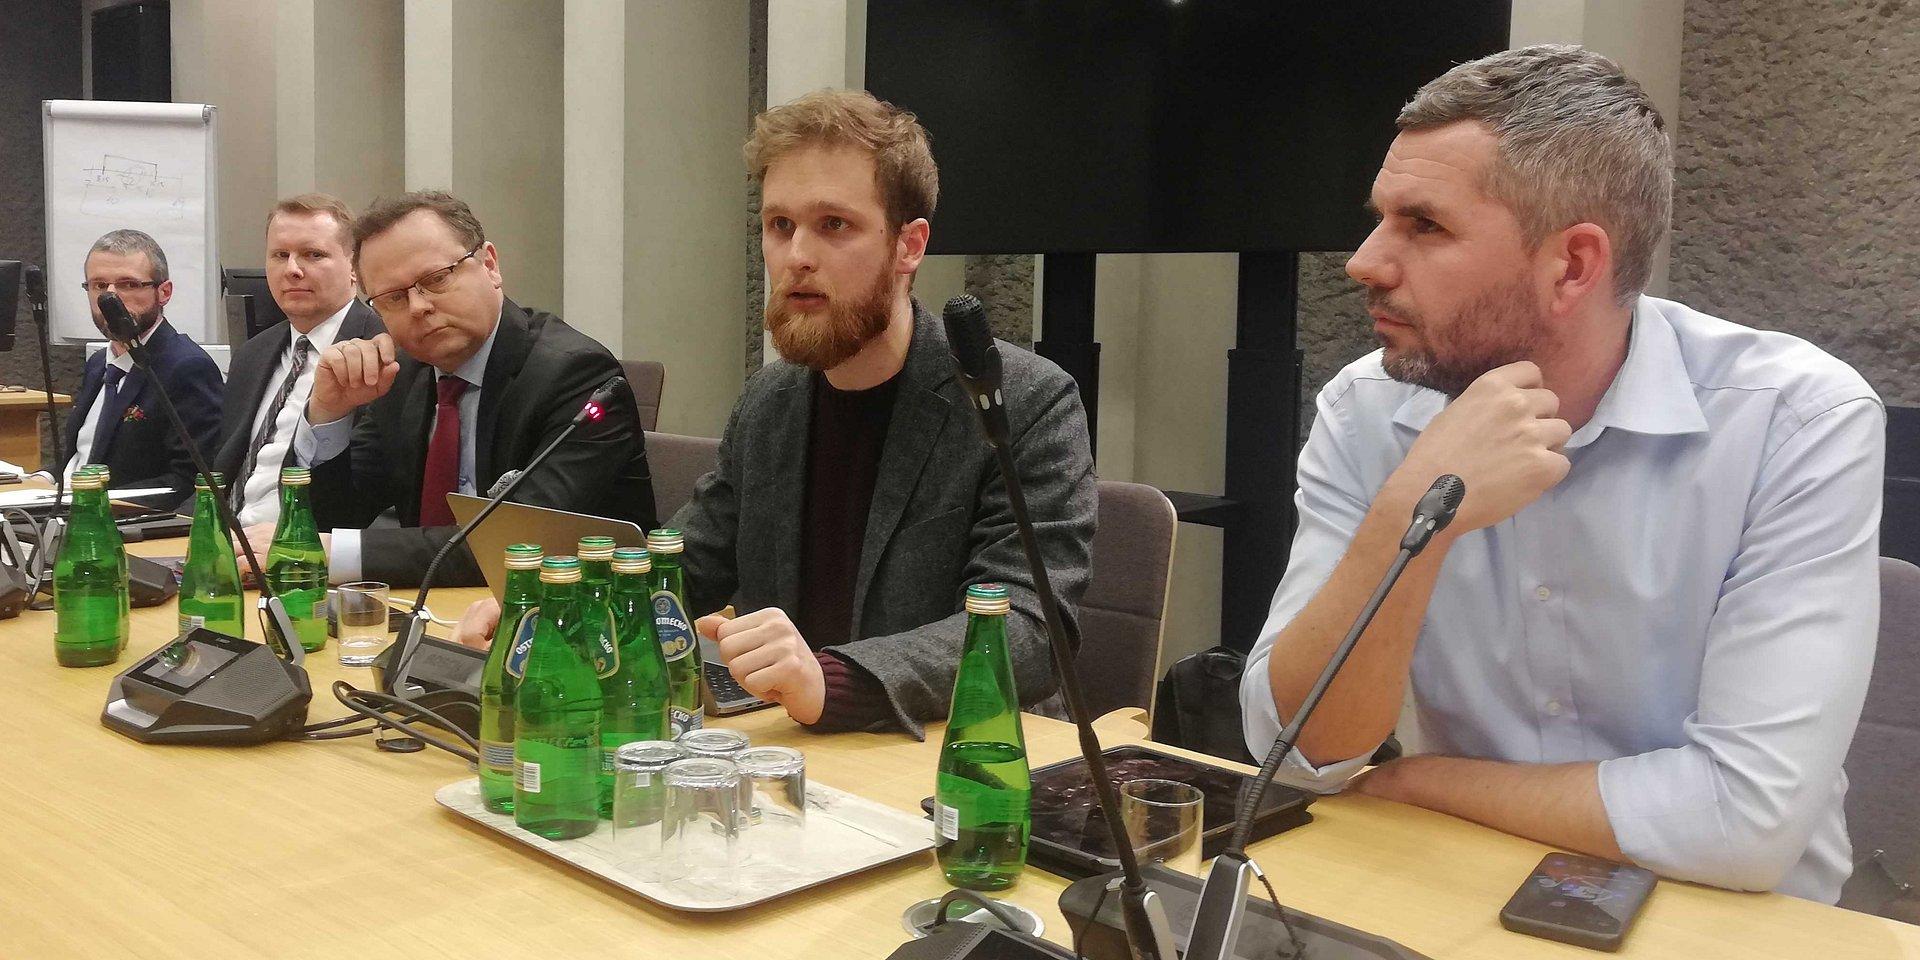 Sypiański w imieniu klubu Lewicy: Czas postawić na solidarność europejską